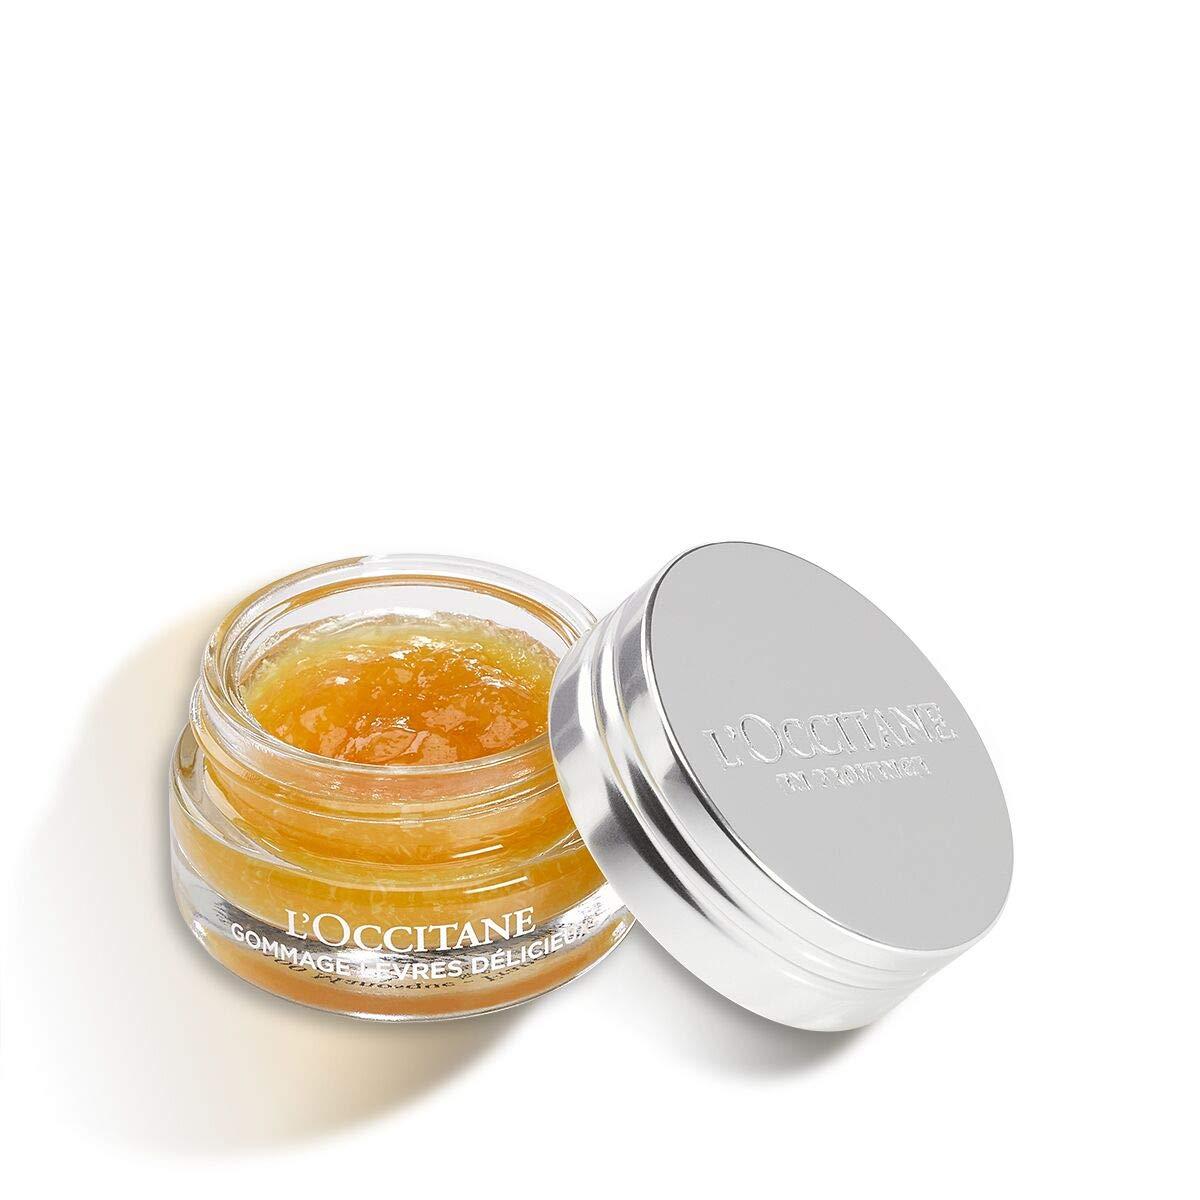 L'Occitane Delicious Lip Scrub, Marmalade Kiss 0.39Fl Oz by L'Occitane